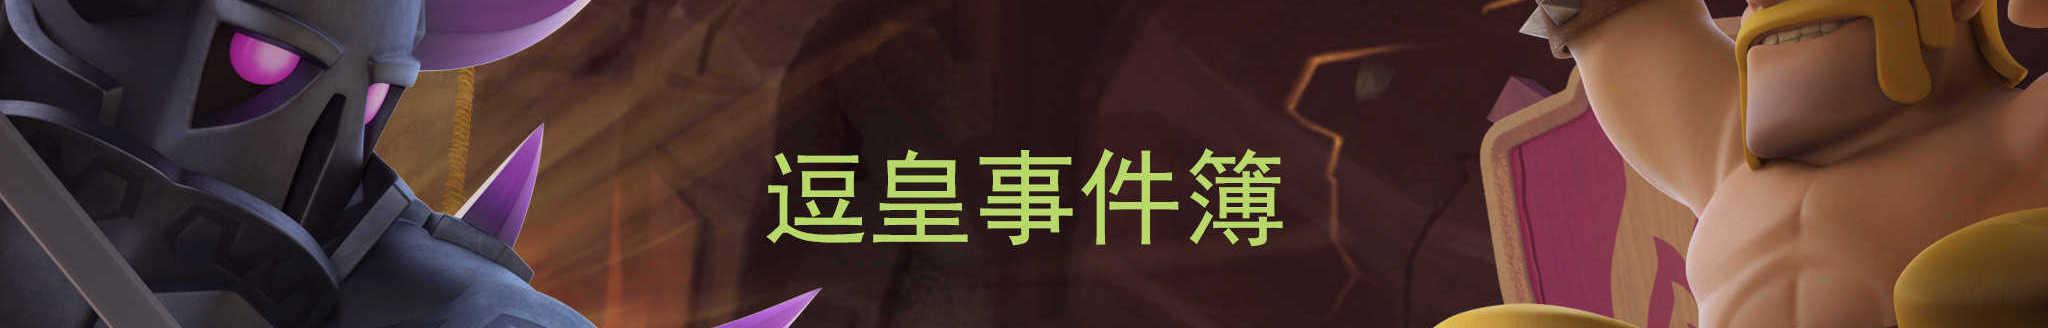 逗比之法 banner